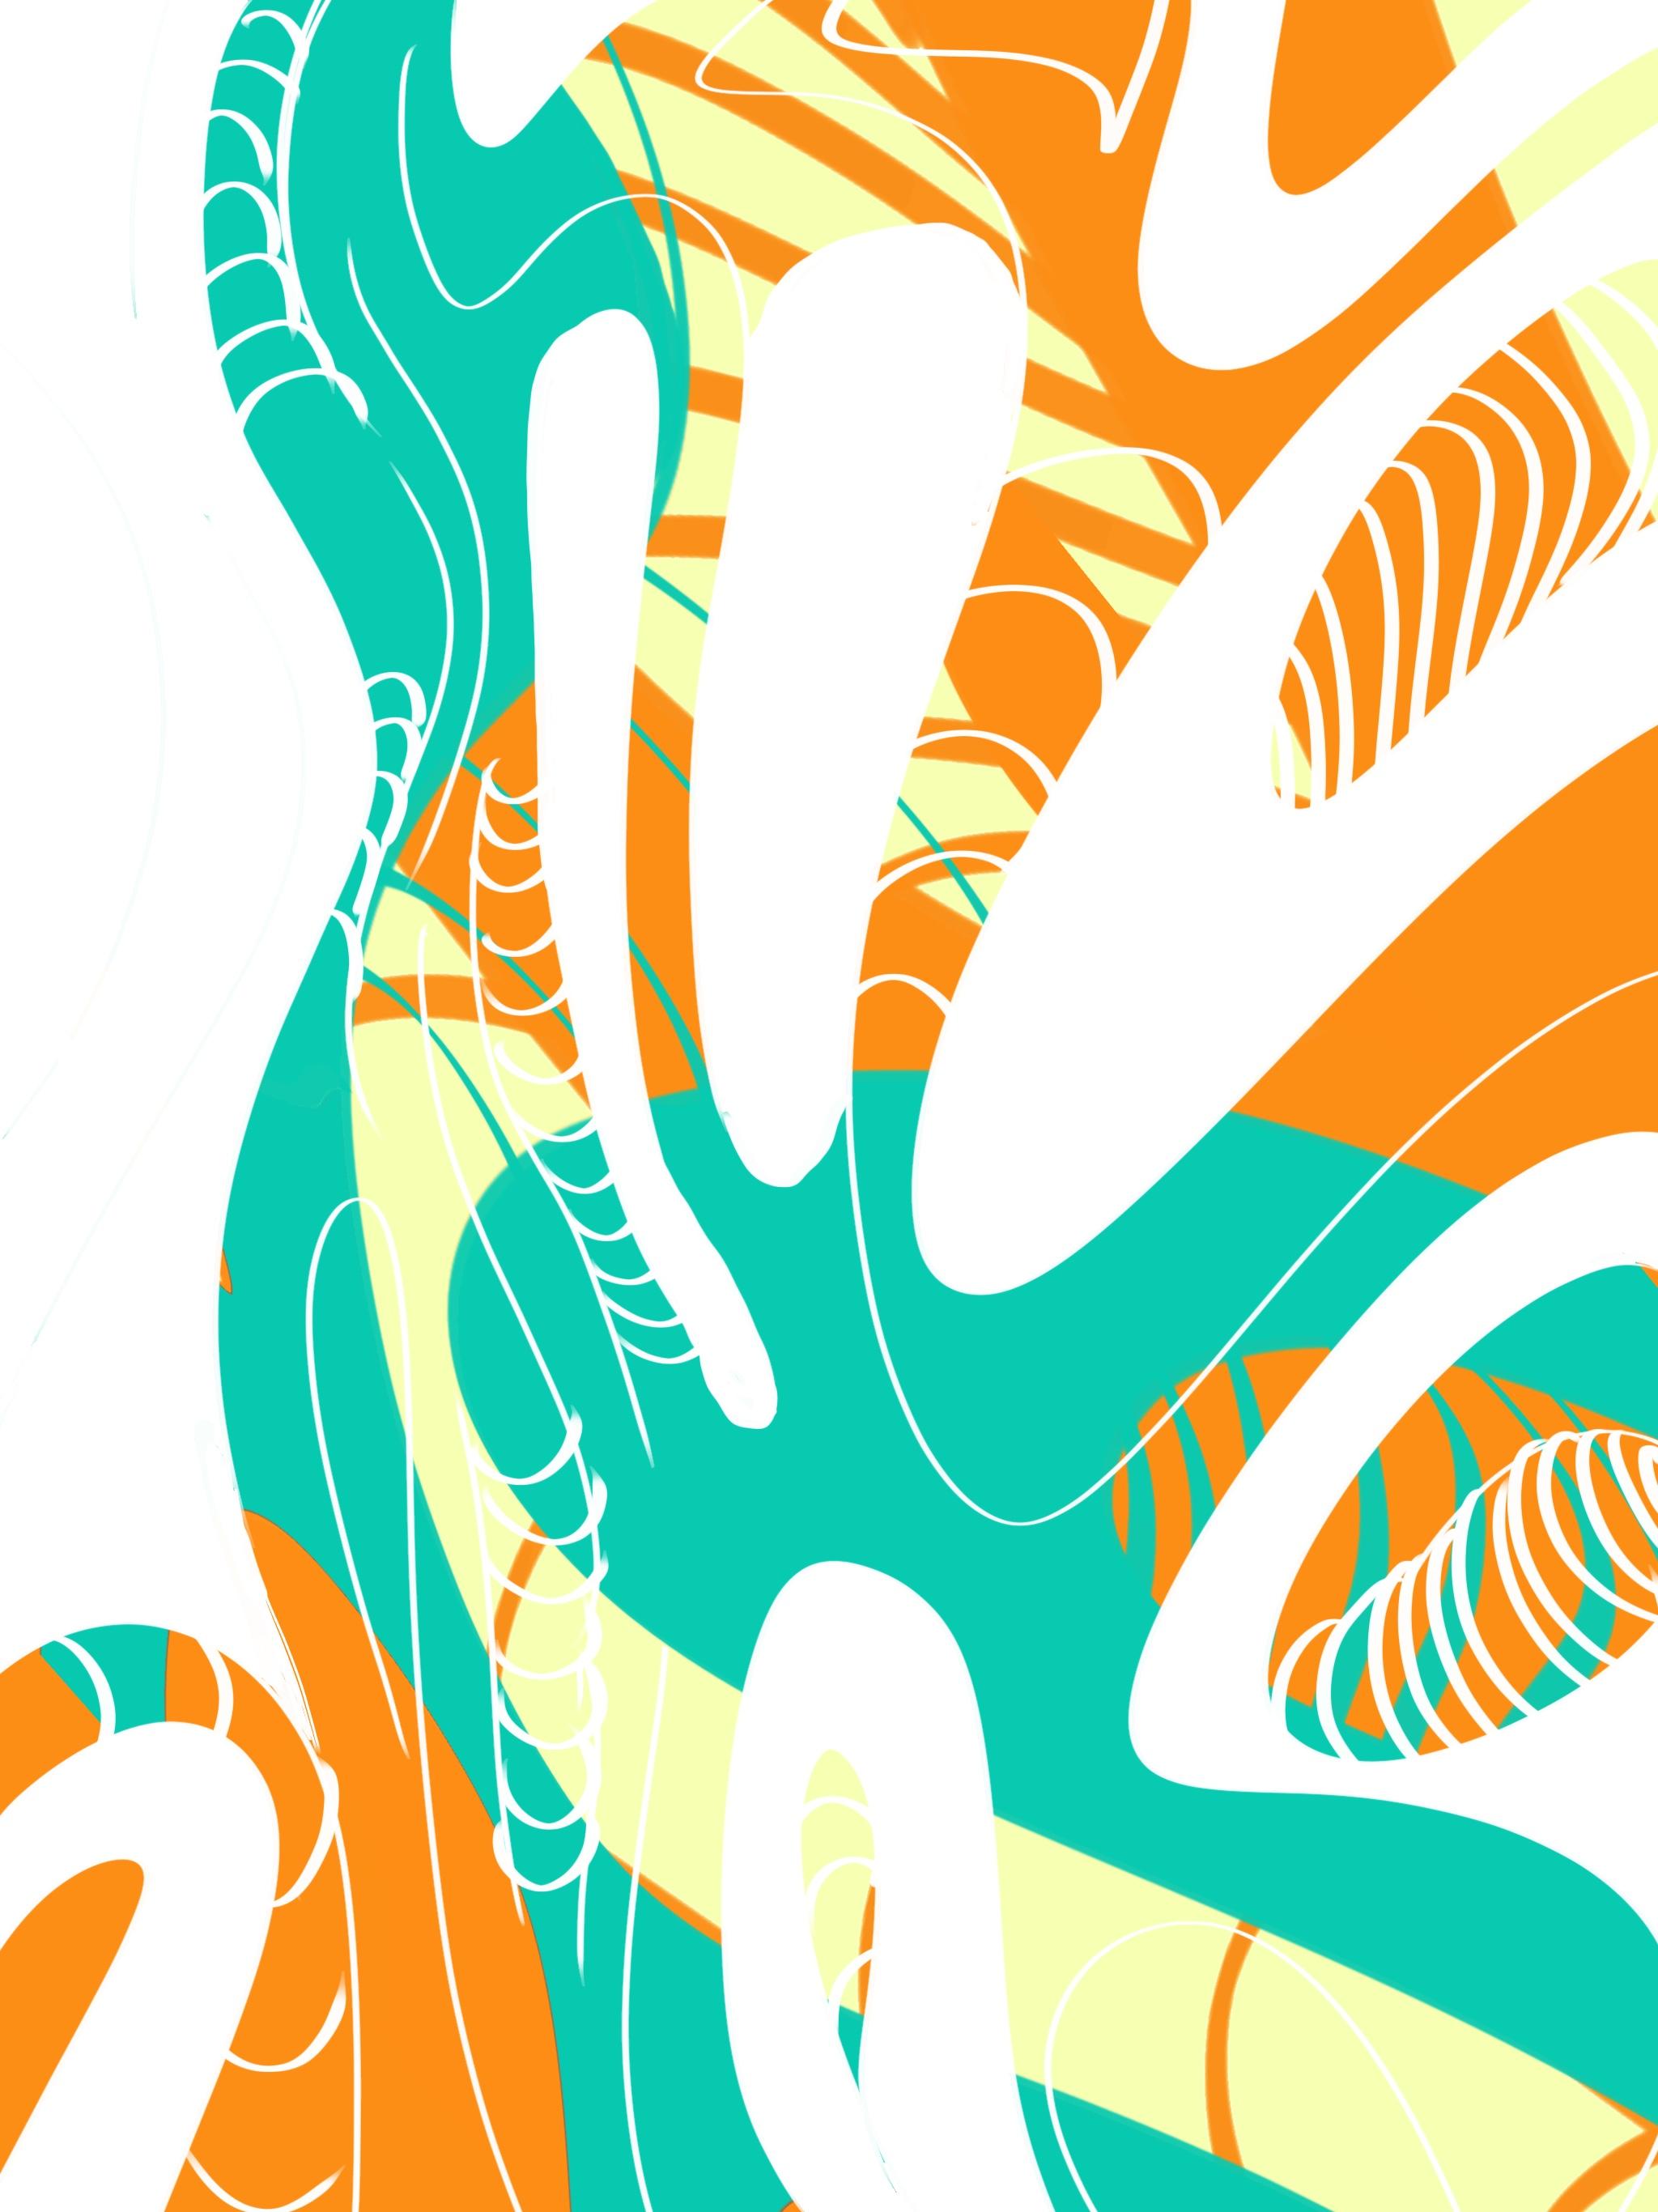 Design drawn on Procreate and edited on Illustrator